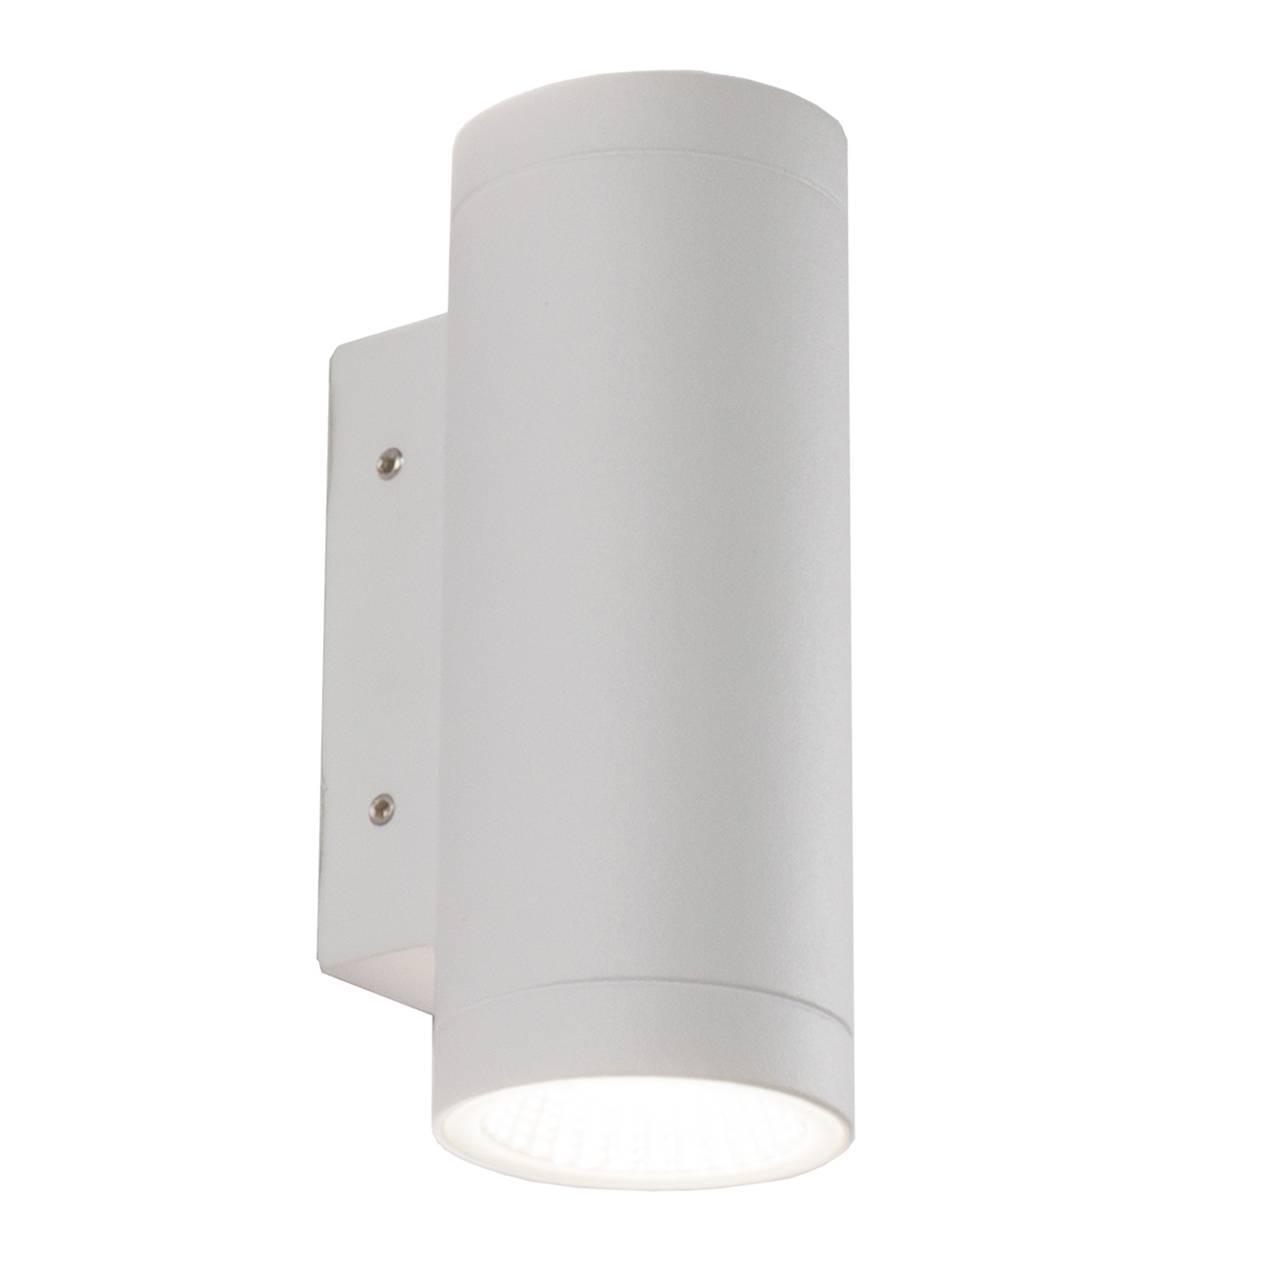 Уличный настенный светодиодный светильник Favourite Flicker 1829-2W накладной светильник favourite flicker 1829 2w